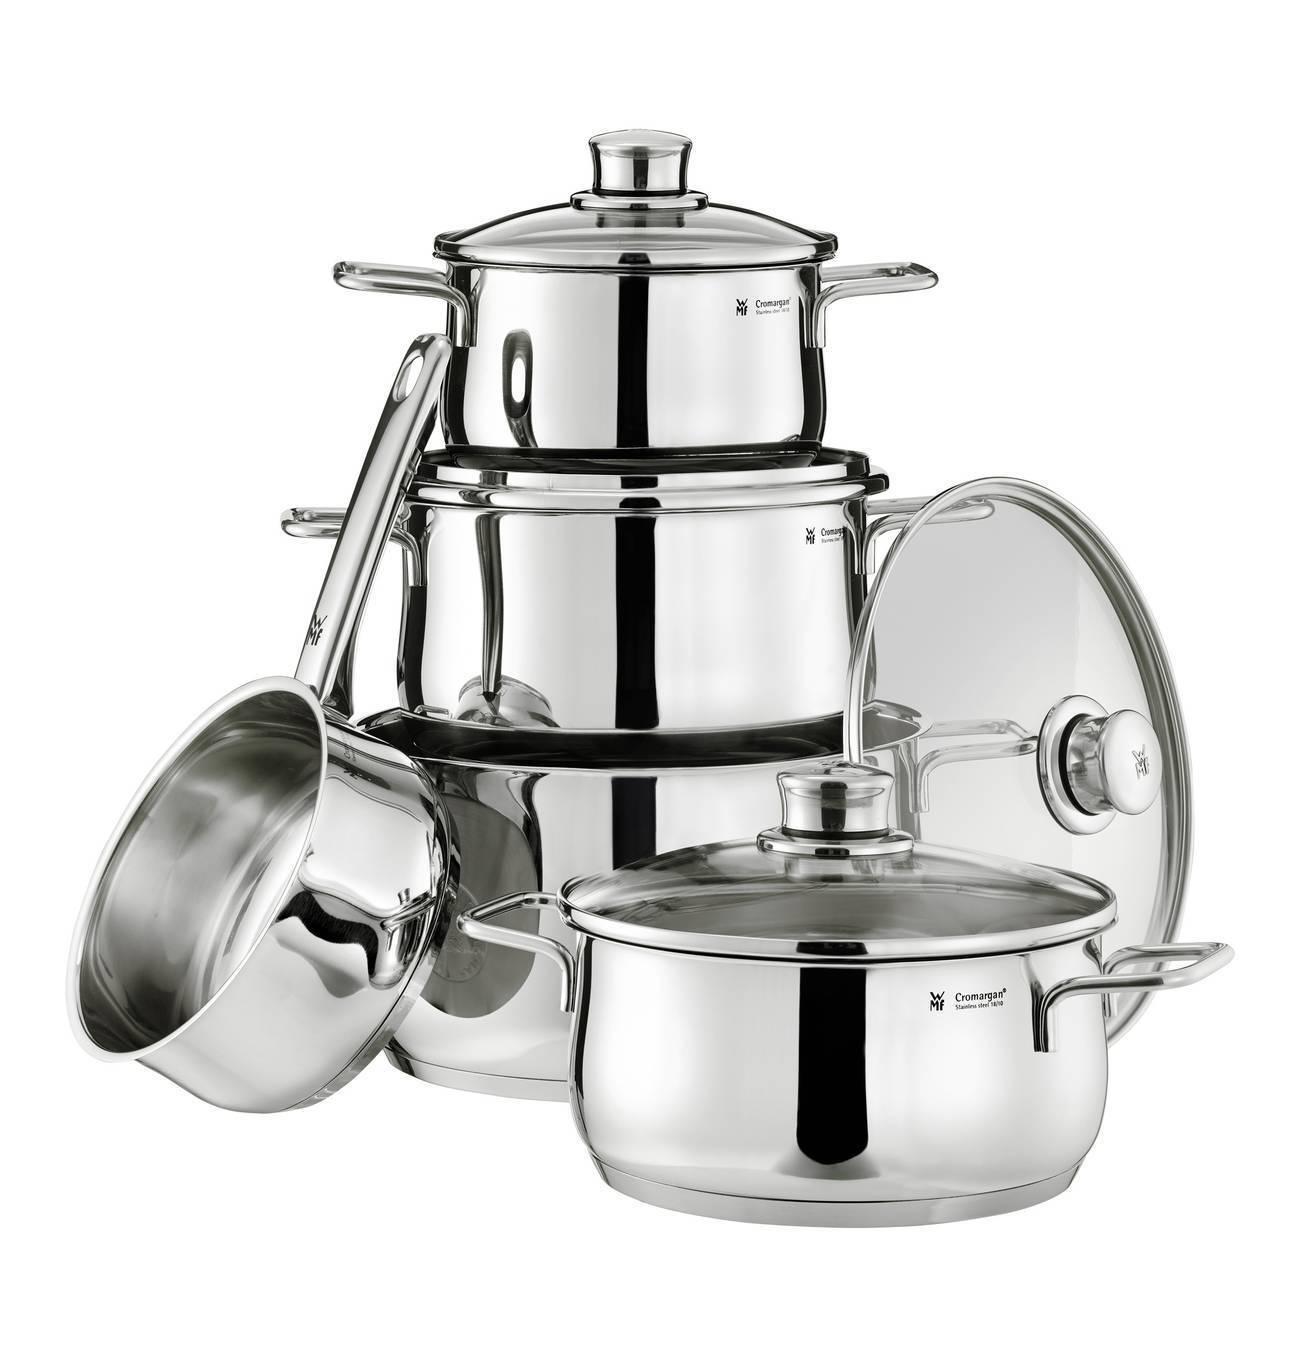 WMF Diadème plus Ustensiles de Cuisine-Set casseroles 9 pièces Induction 0730356040 NEUF